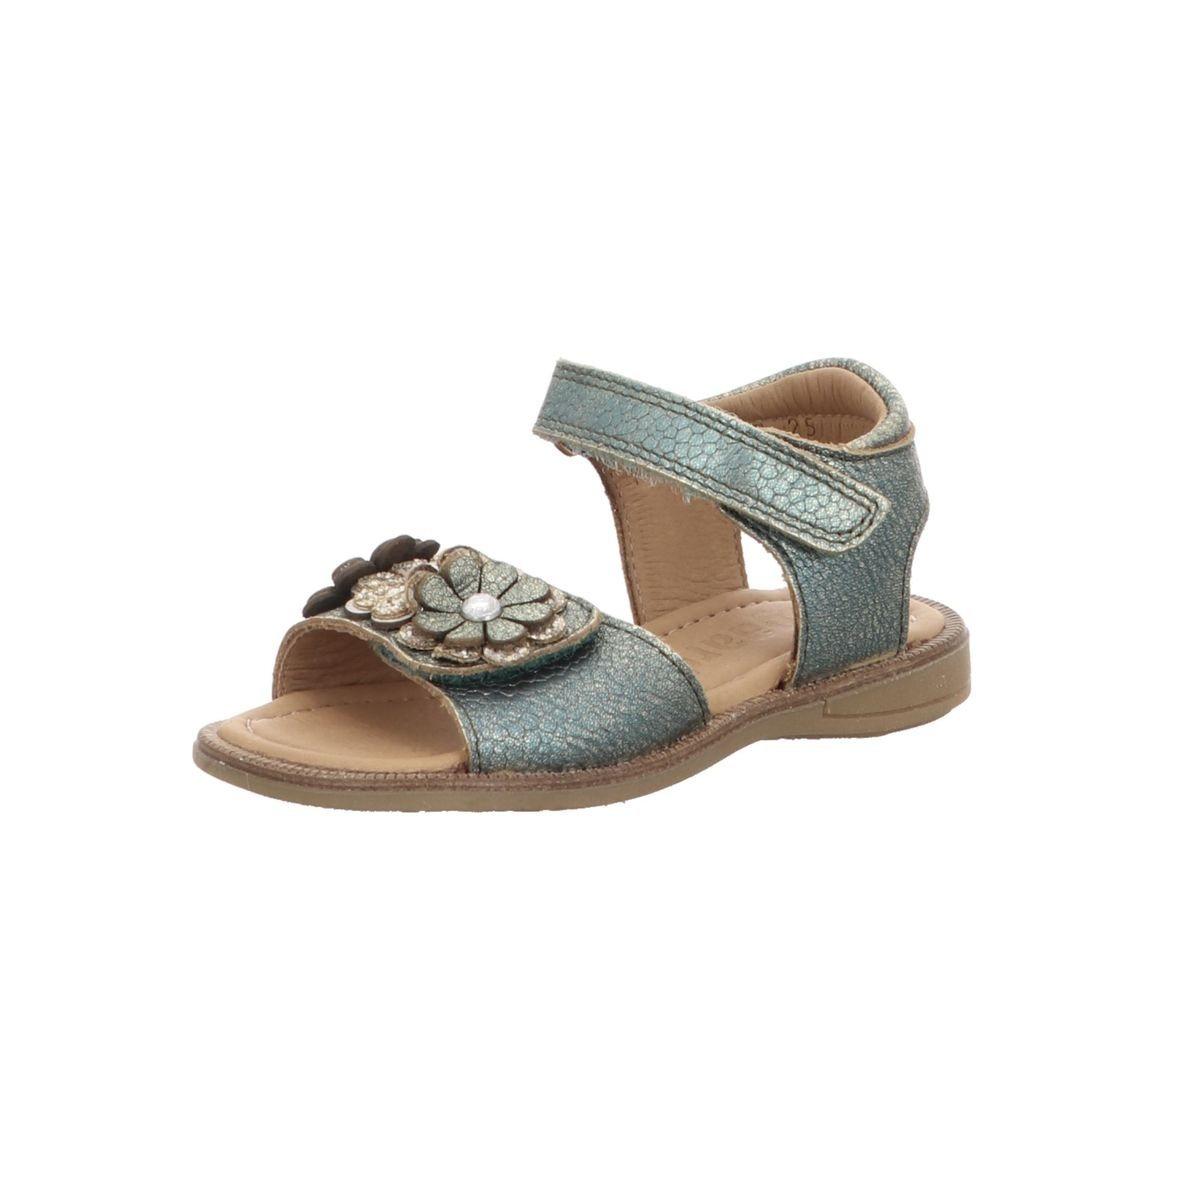 Bisgaard Sandale | Schuhe > Sandalen & Zehentrenner > Sandalen | Bisgaard